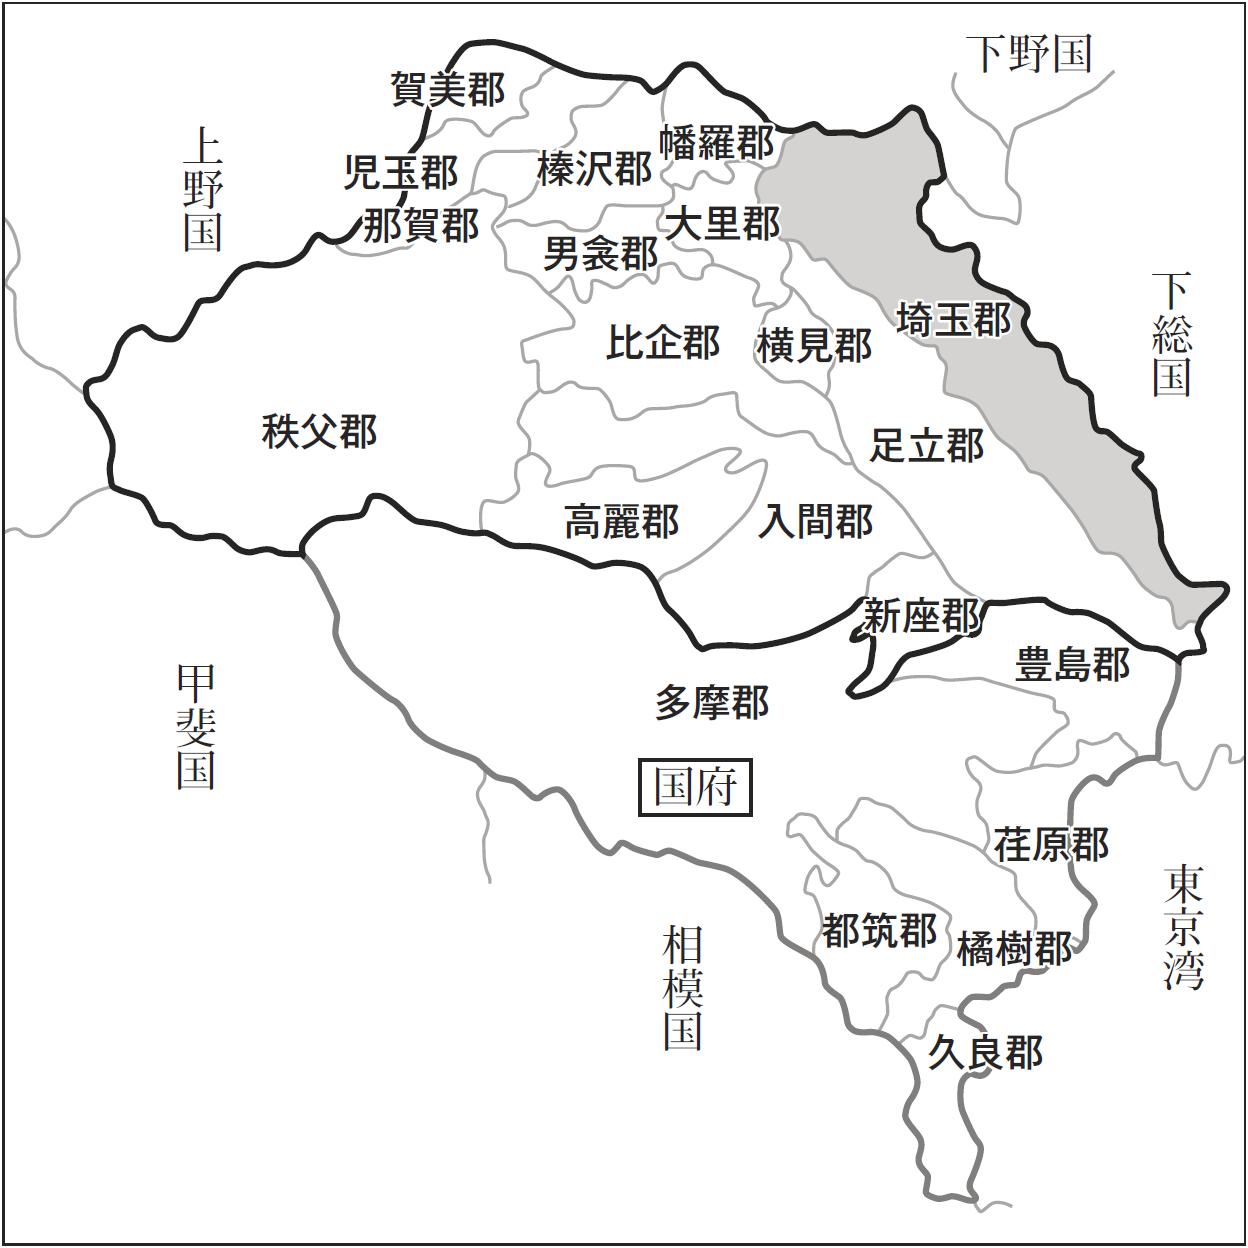 埼玉こそが「武蔵」の中心だった!